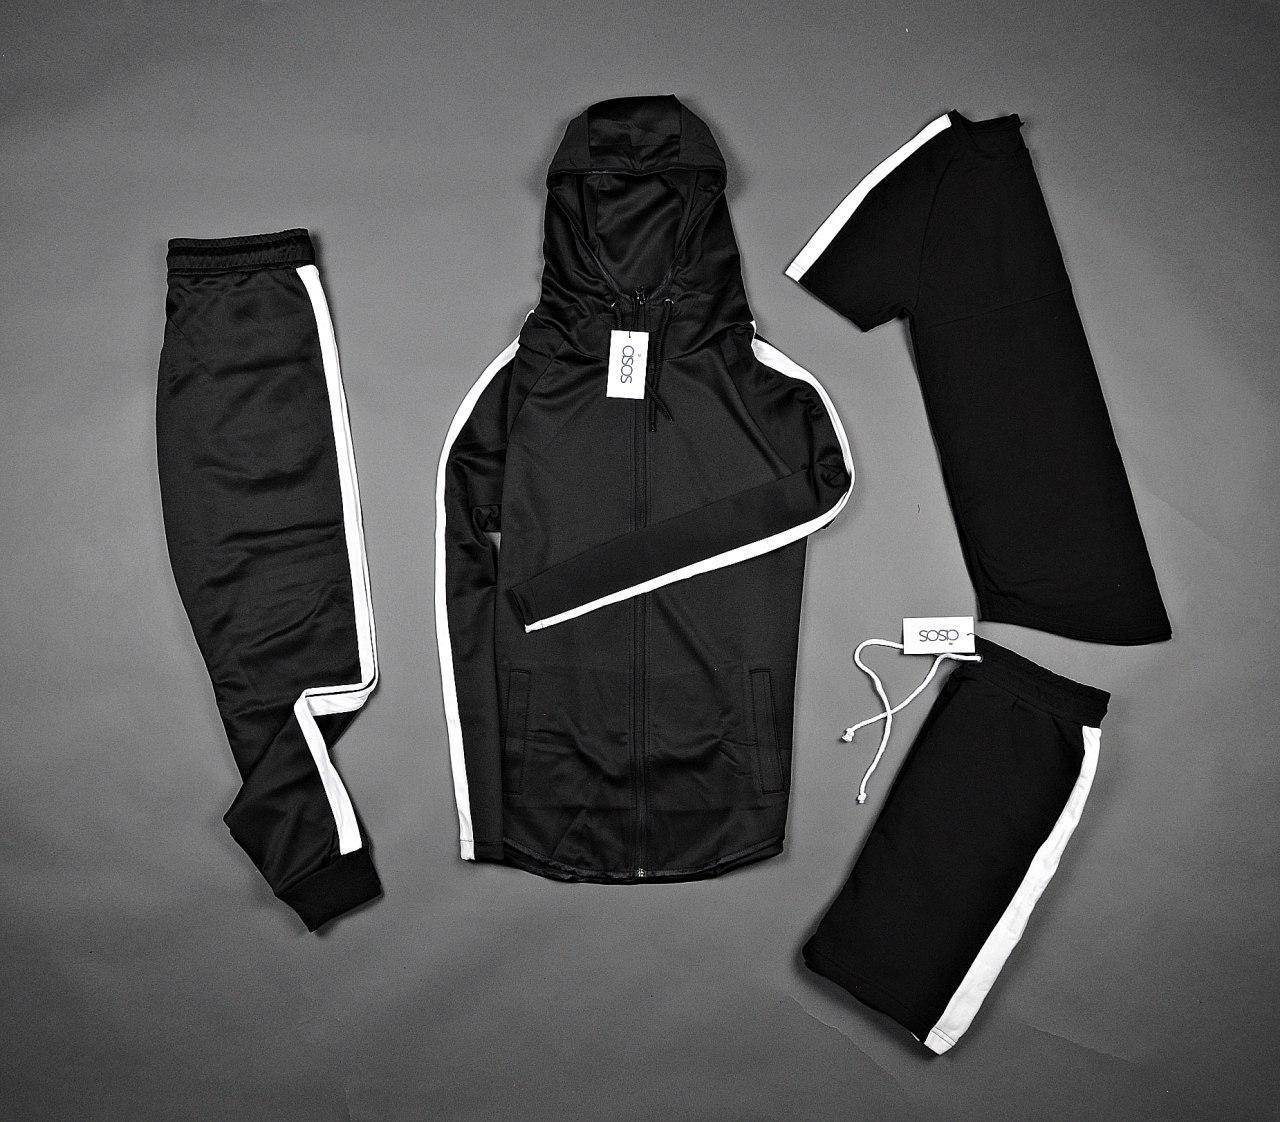 Спортивный костюм кенгуру с капюшоном комбинированный черный с лампасом + футболка и шорты